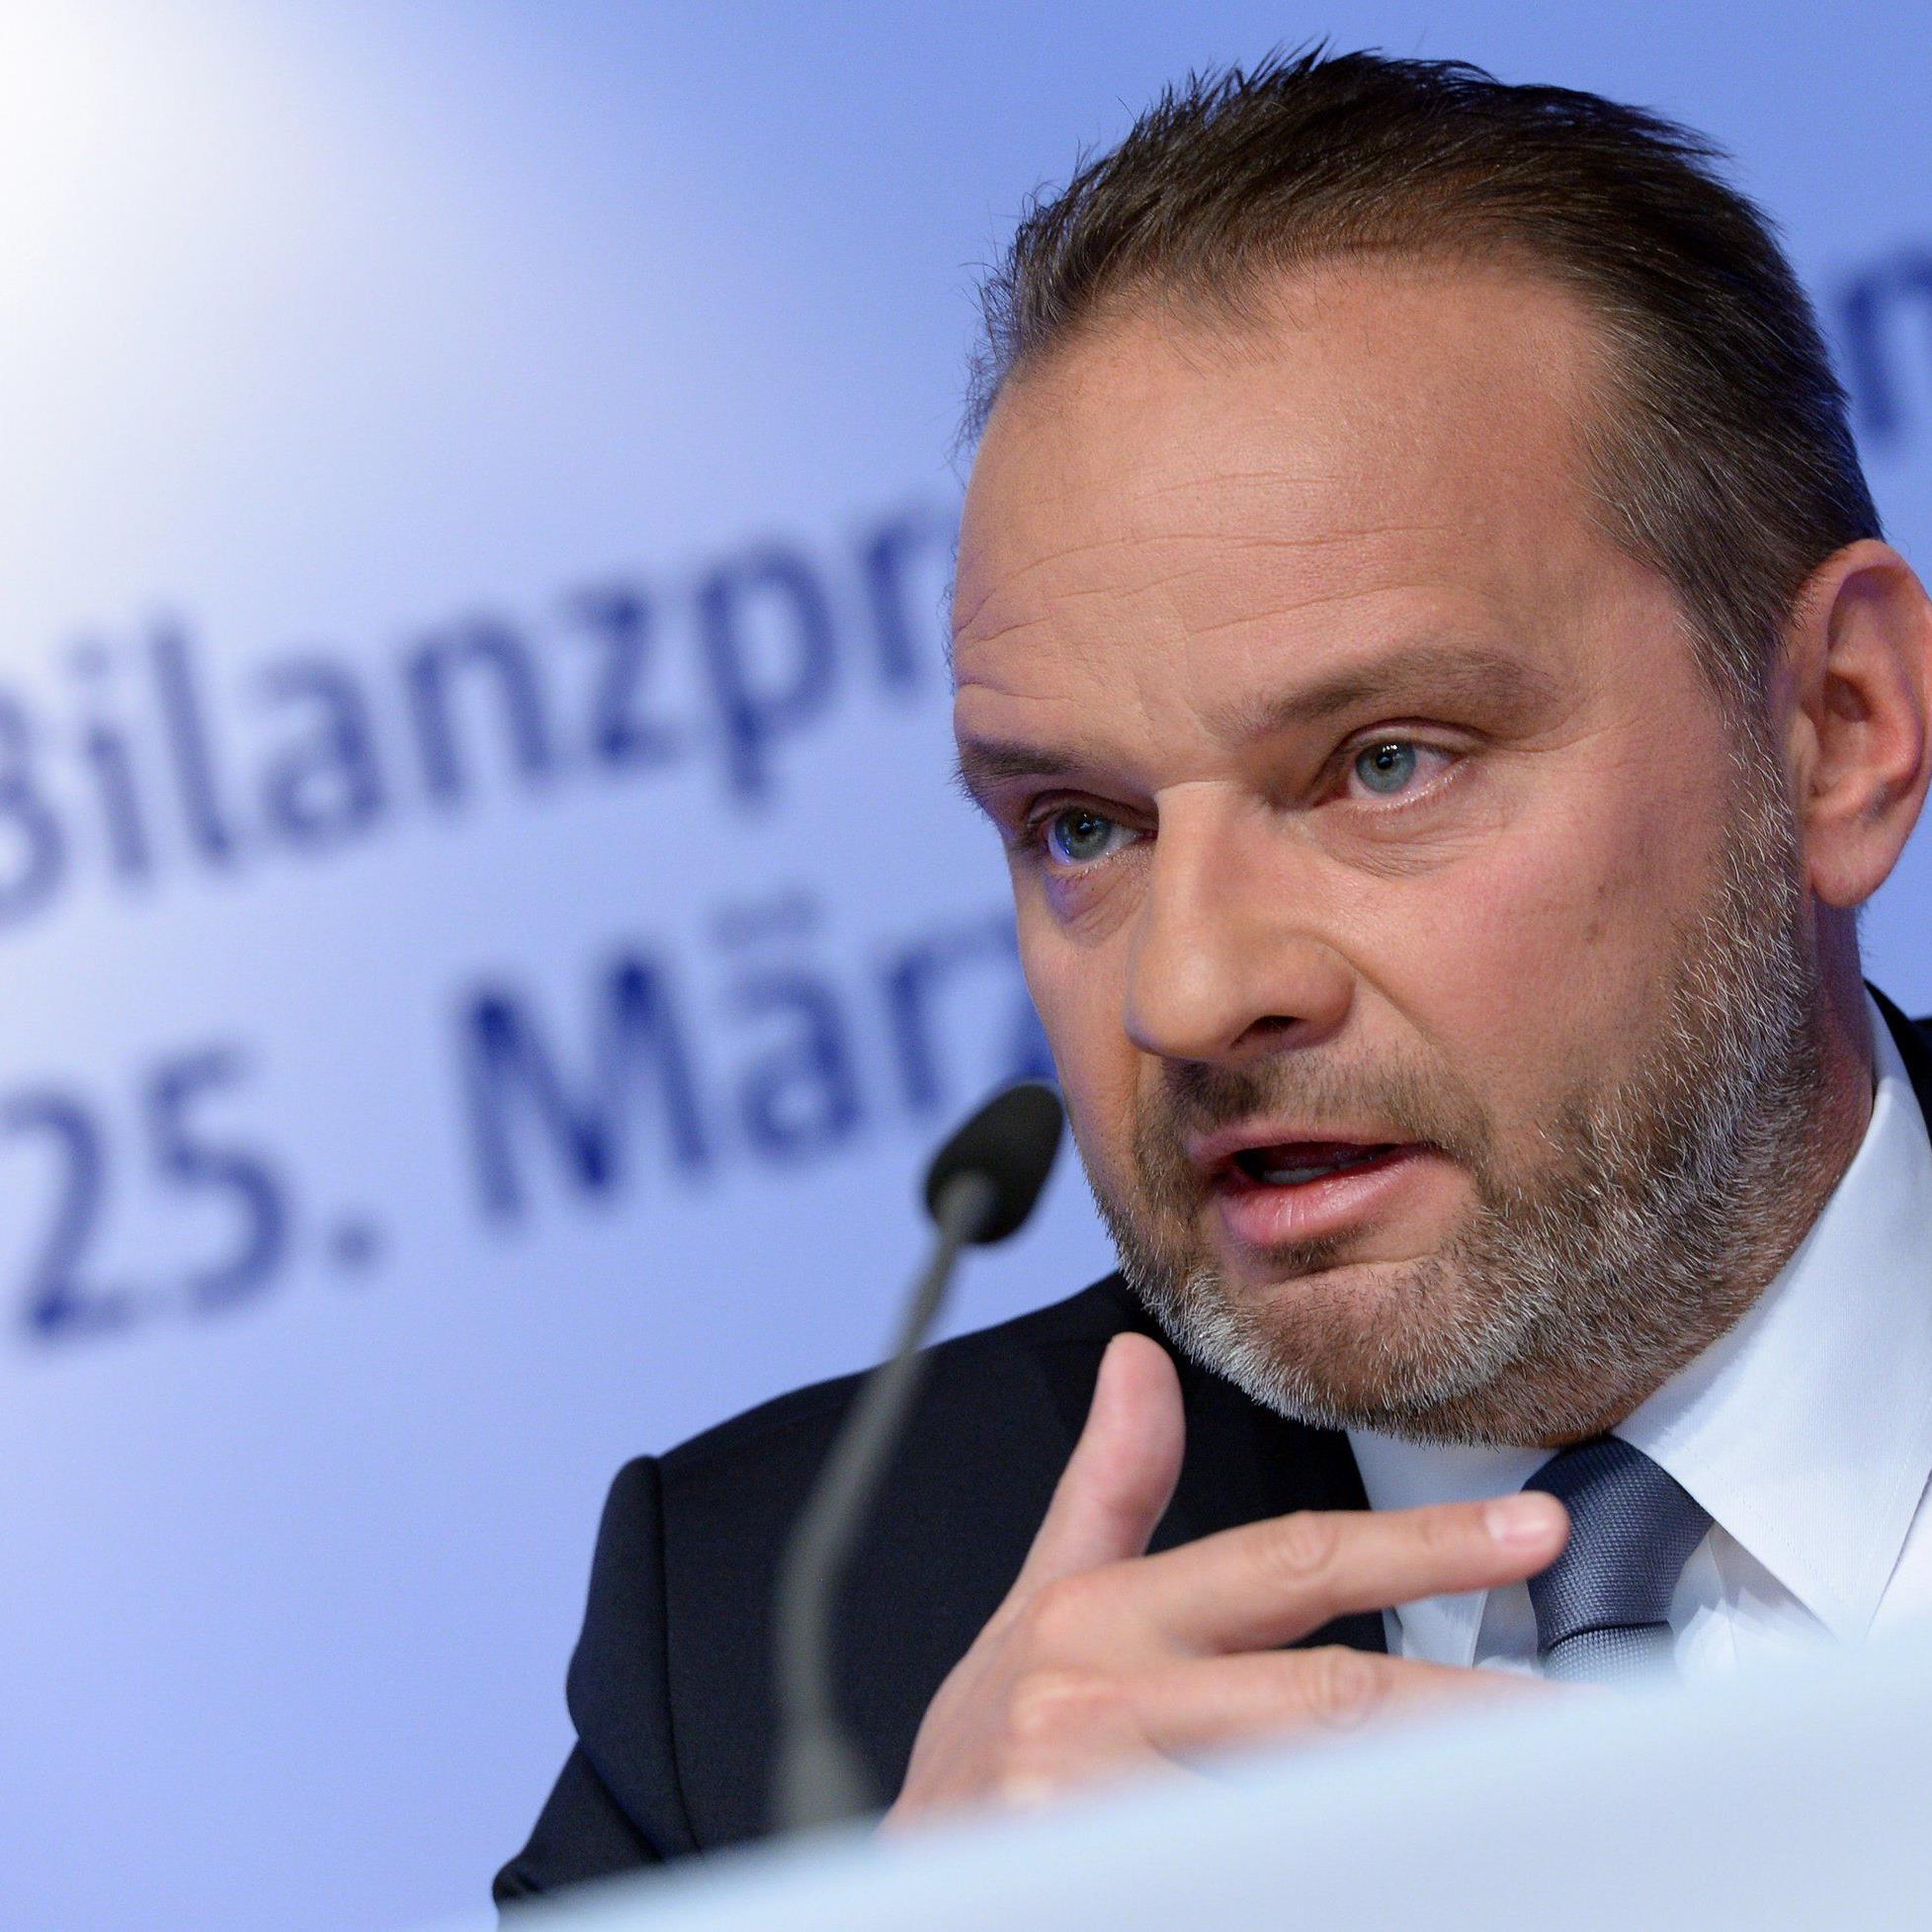 BayernLB verschärft nach Milliardenverlust Ton im Streit mit Österreich. Im Bild: Johannes-Jörg Riegler.